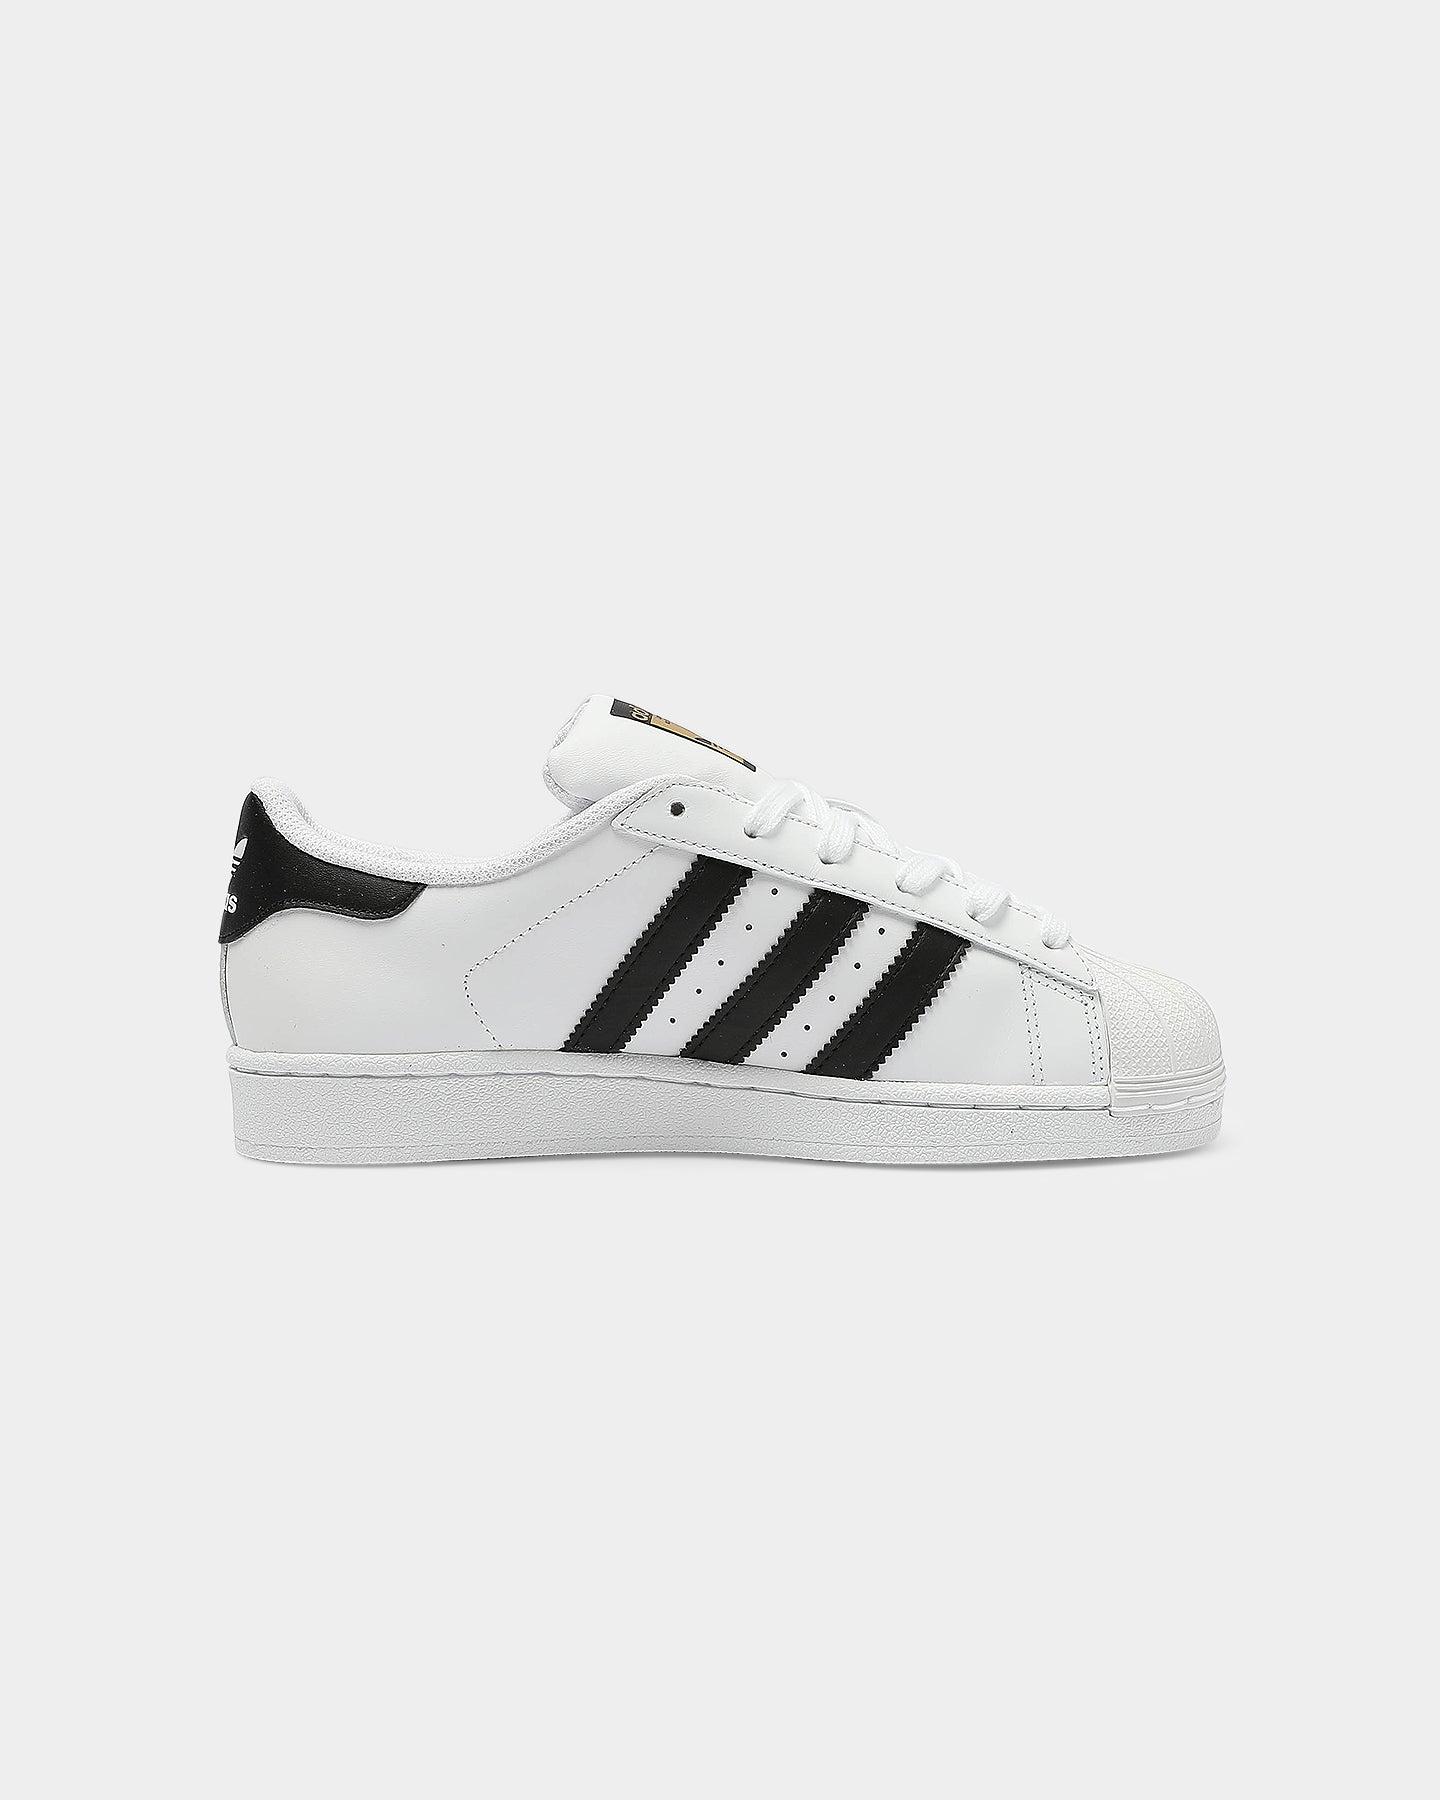 Adidas Originals Superstar II Casual Shoes White Camo